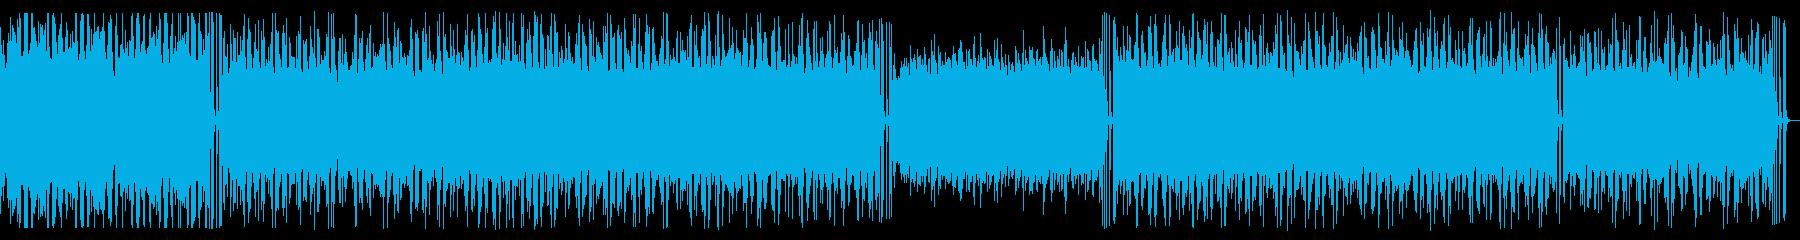 チュートリアルに流れていそうなテクノ。の再生済みの波形